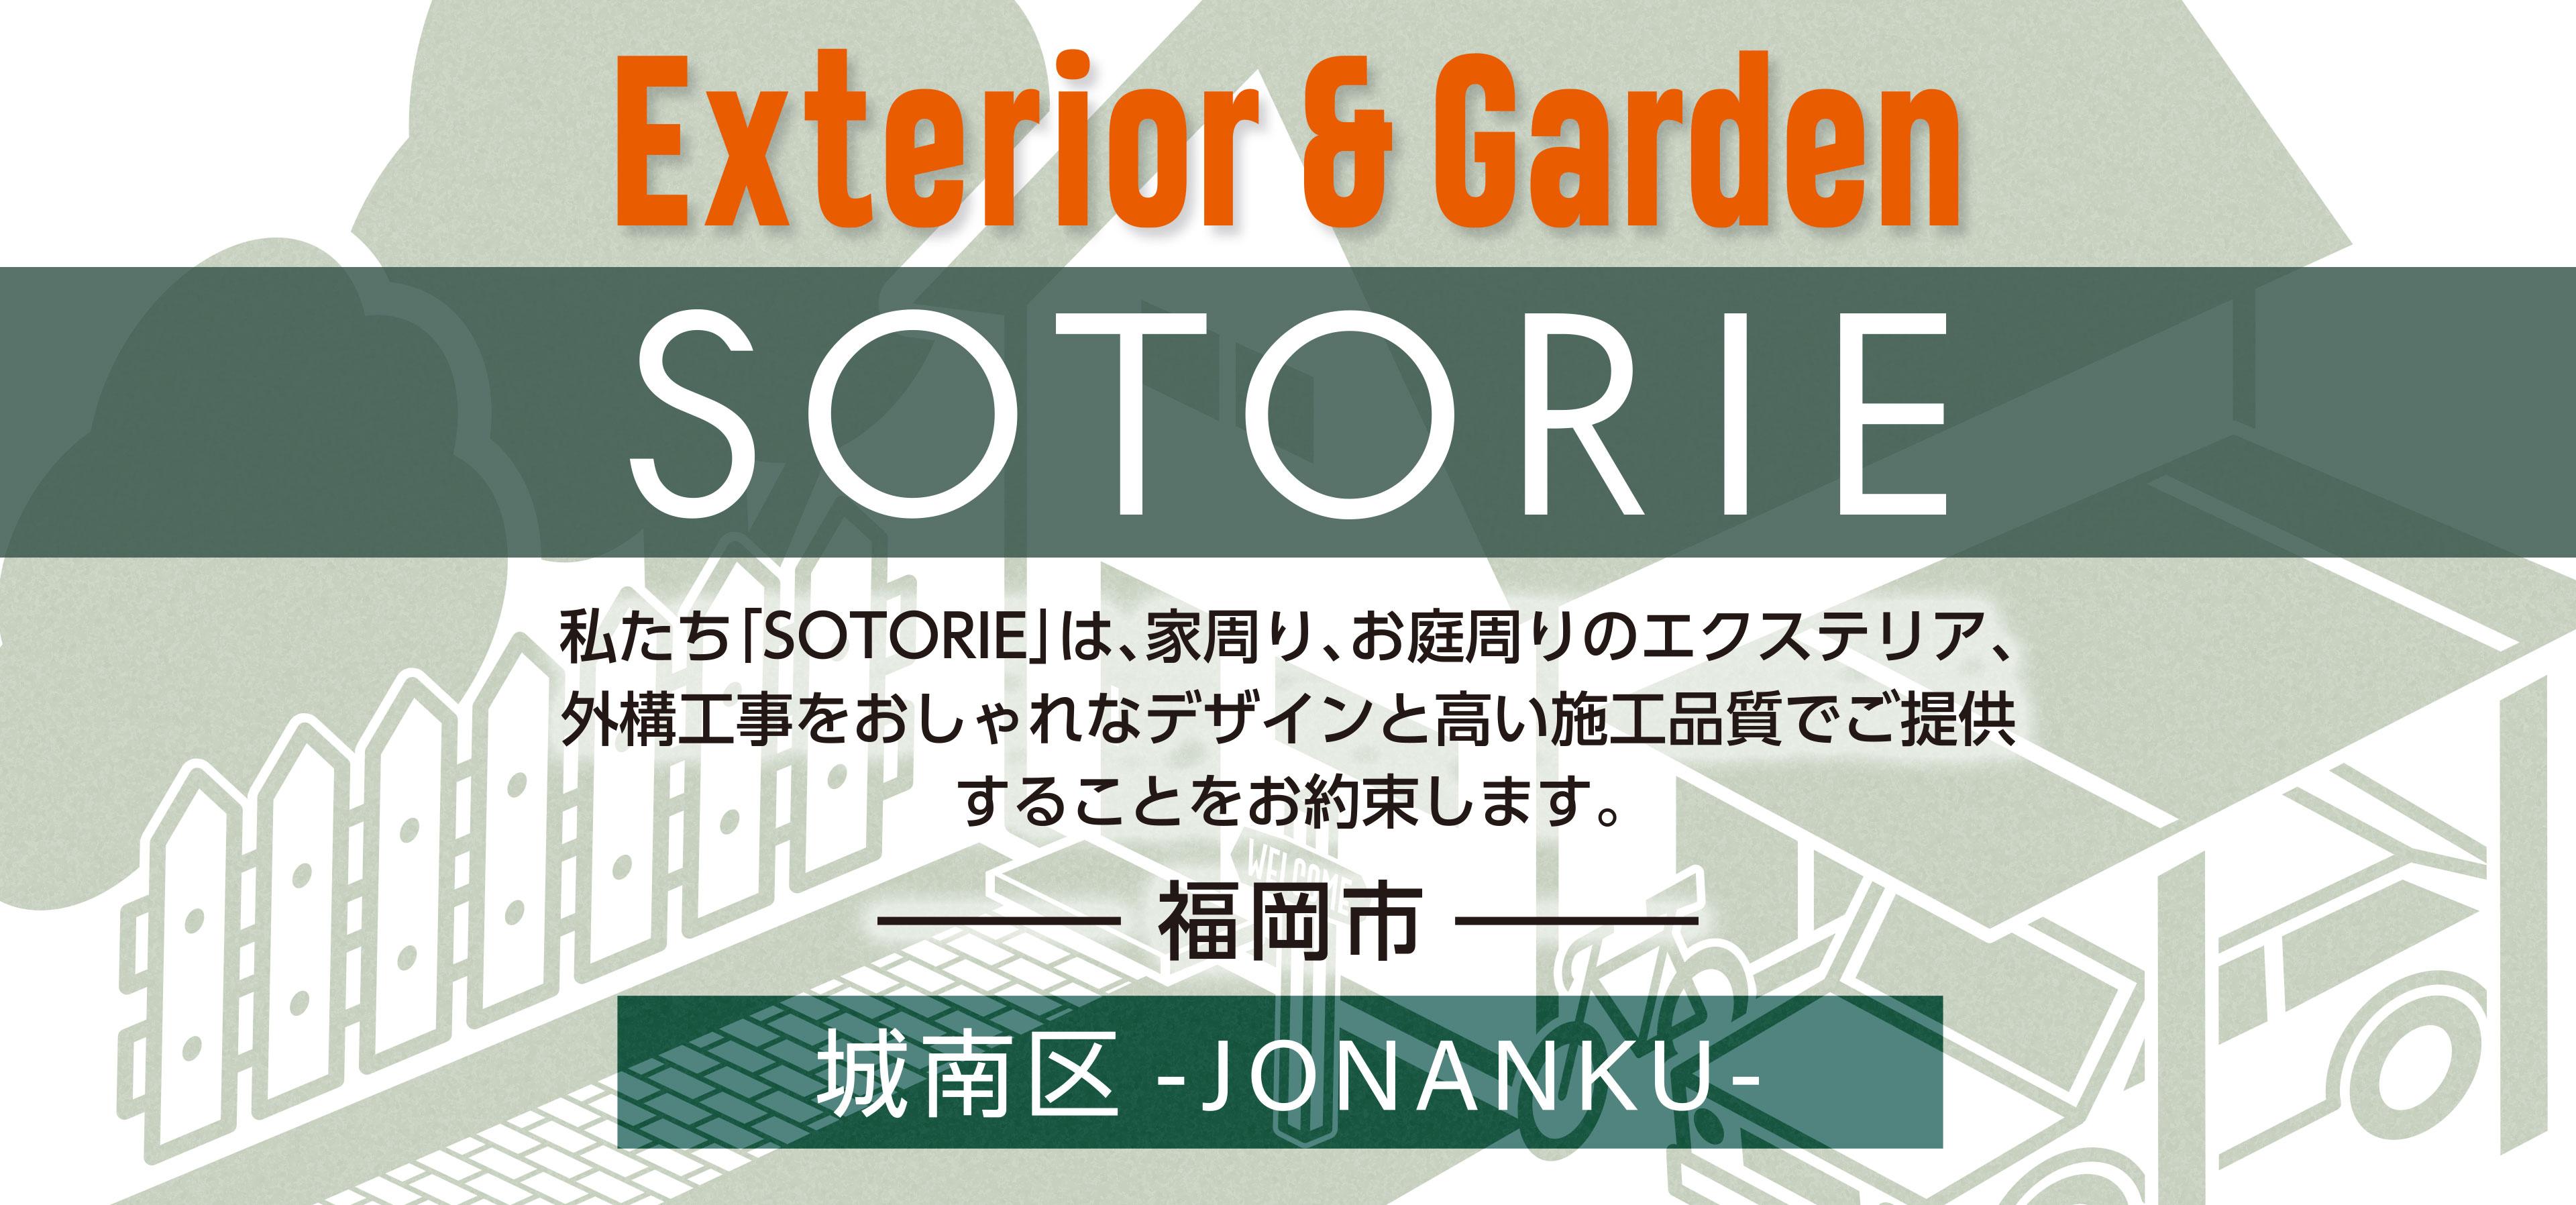 ソトリエ福岡市城南区では、家周りと庭周りの外構、エクステリア工事をおしゃれなデザインと高い施工品質でご提供することをお約束します。